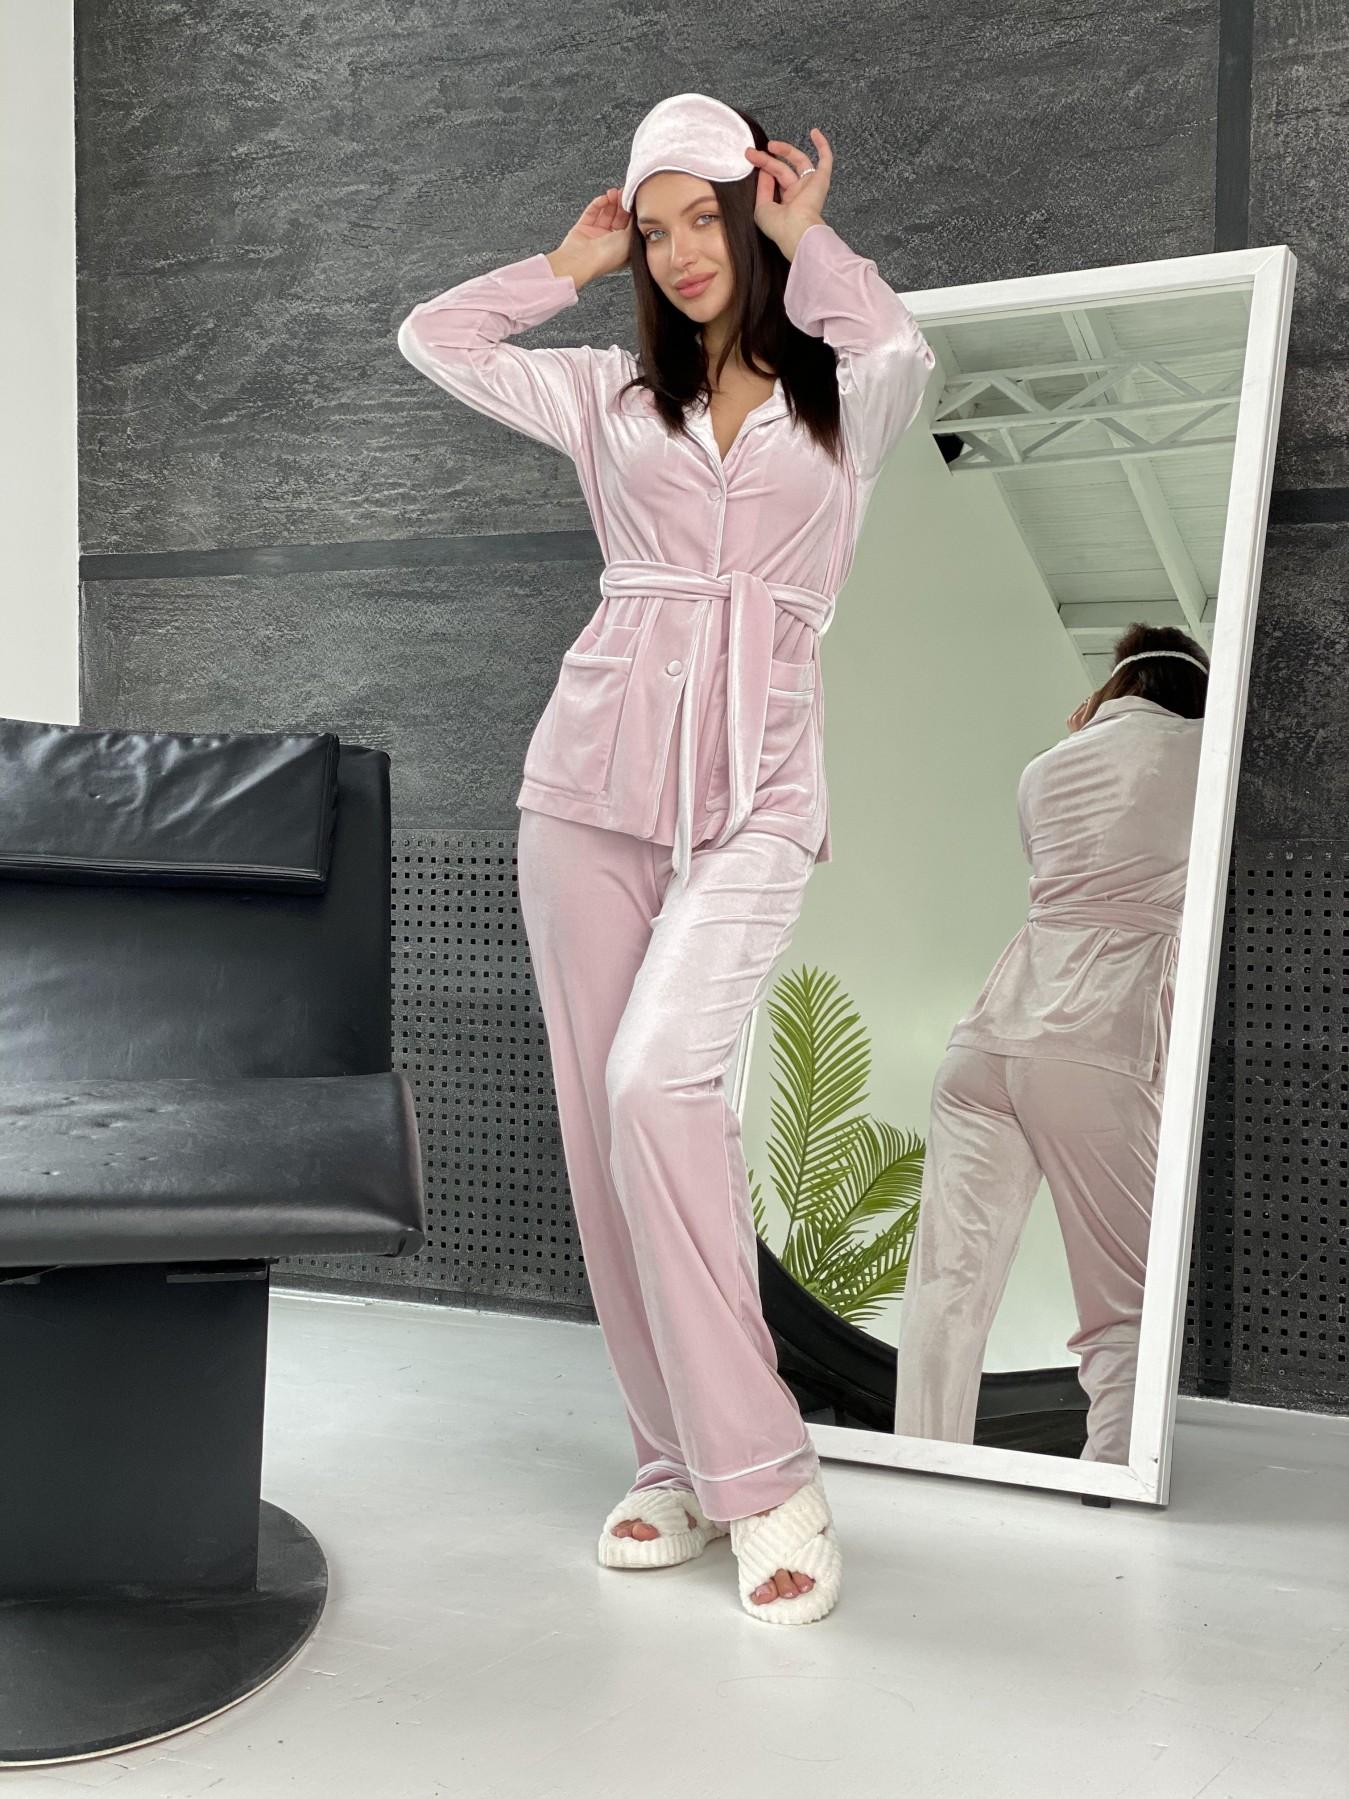 Шайн пижама велюр жакет брюки маска для сна 10353 АРТ. 47088 Цвет: Розовый - фото 6, интернет магазин tm-modus.ru